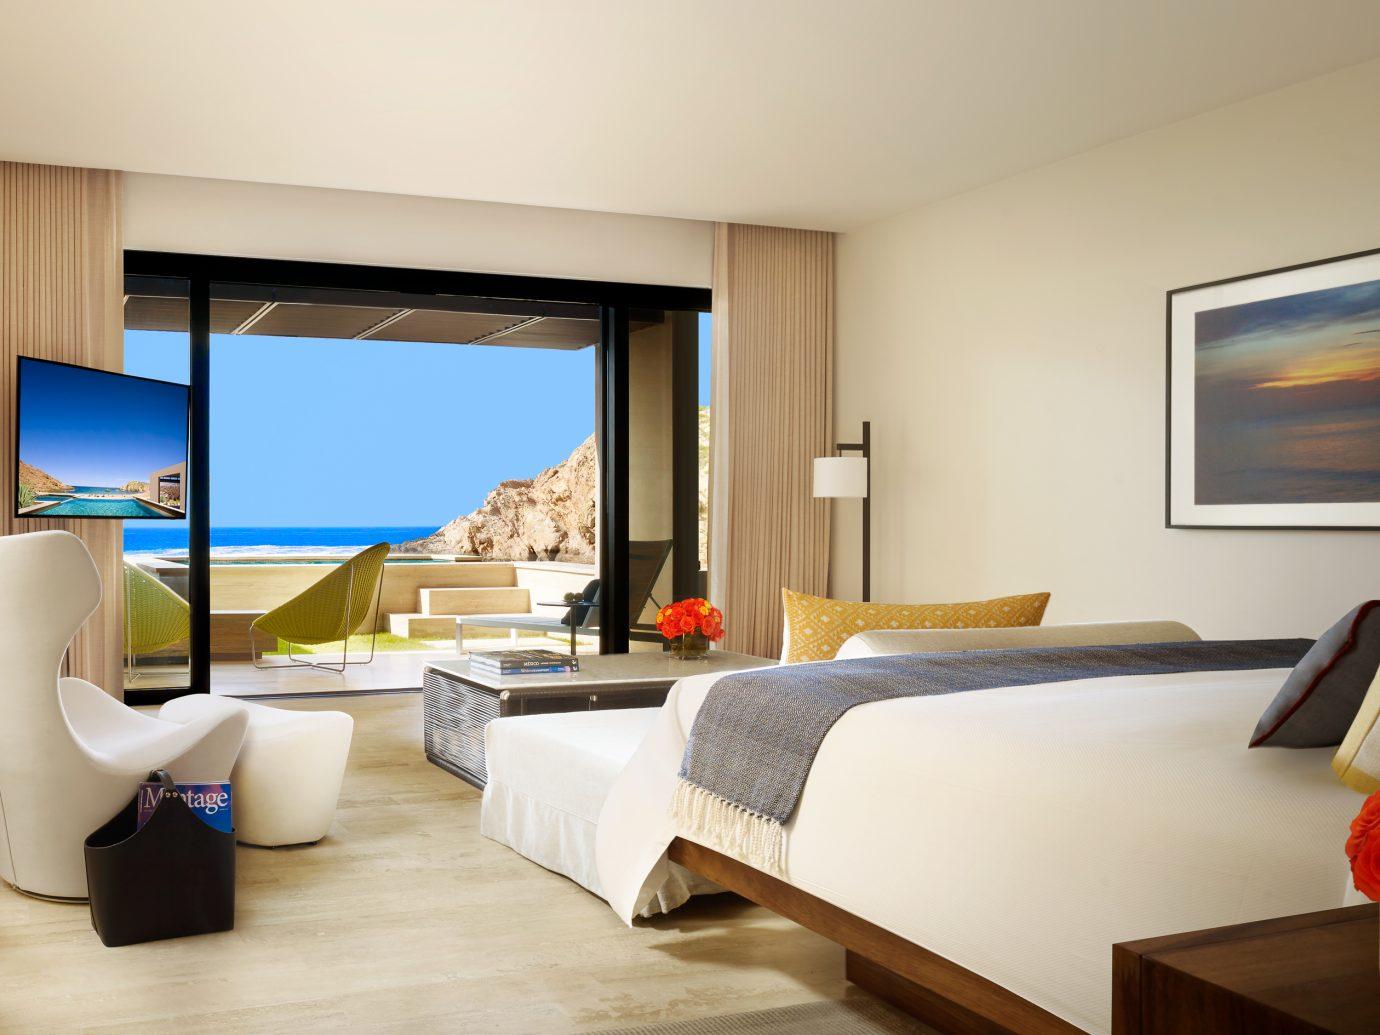 Bedroom at Montage Los Cabos